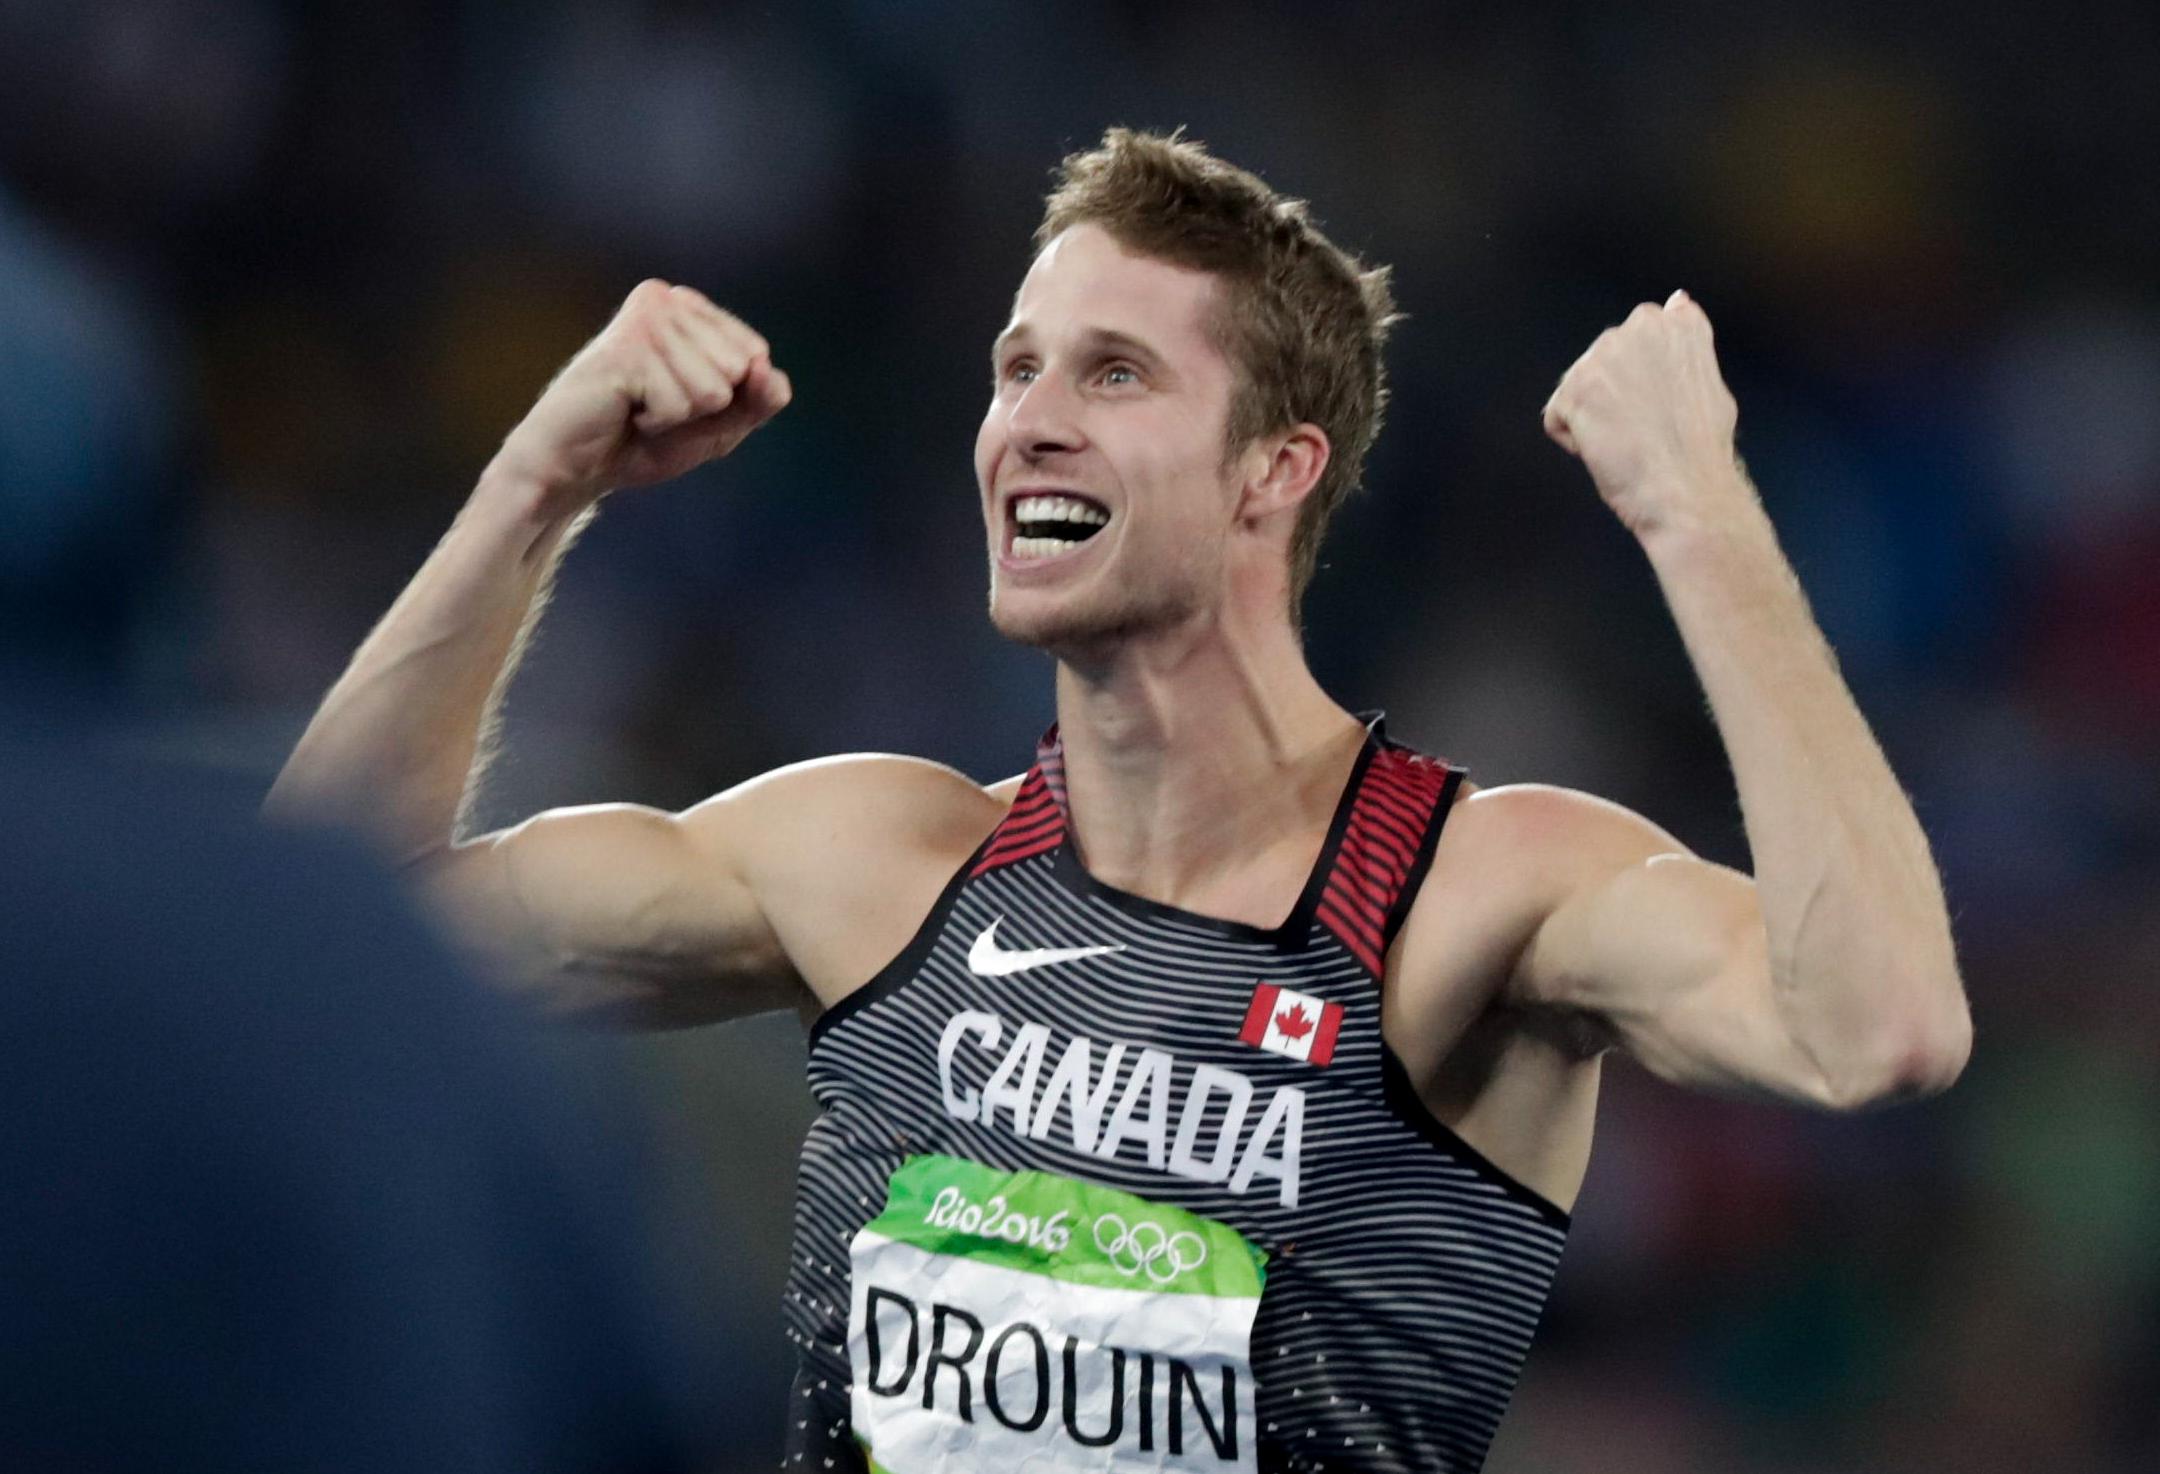 Derek Drouin célèbre après son saut de 2,38 m, lors de la finale de l'épreuve du saut en hauteur, le 16 août 2016 à Rio. (AP Photo/Morry Gash) COC Jason Ransom